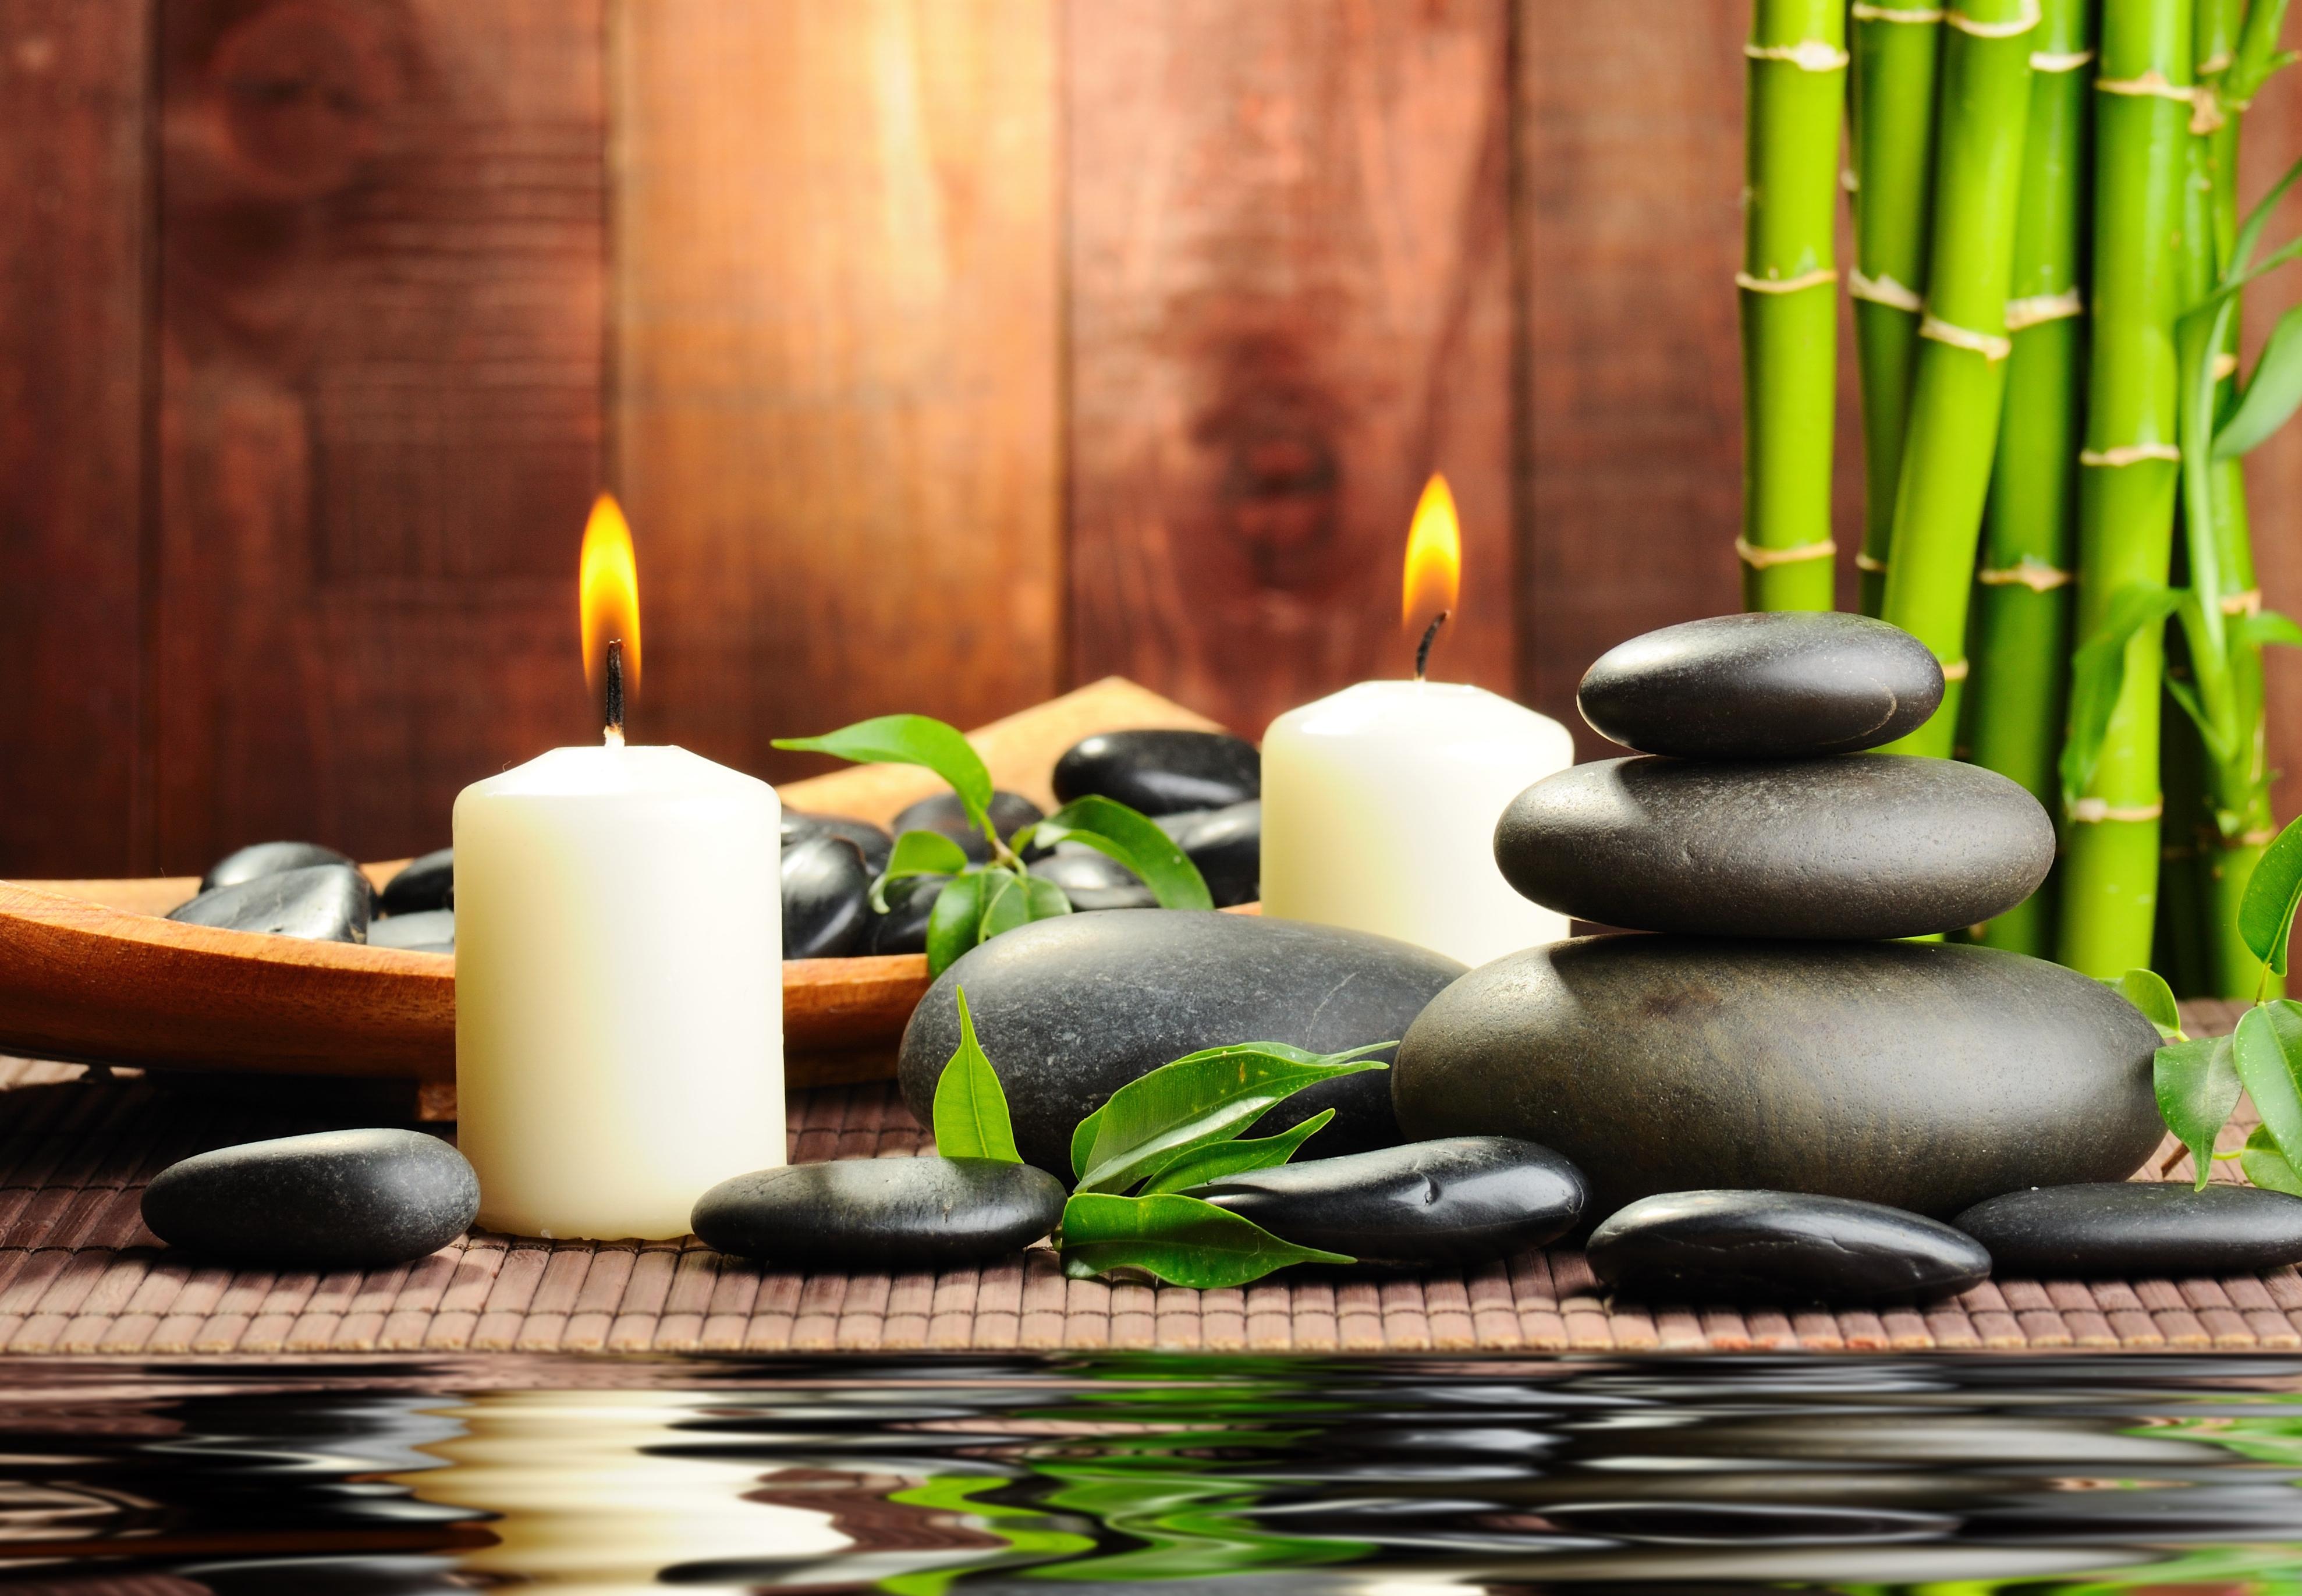 Συμβουλευτική spa- άρθρα και δημοσιεύσεις